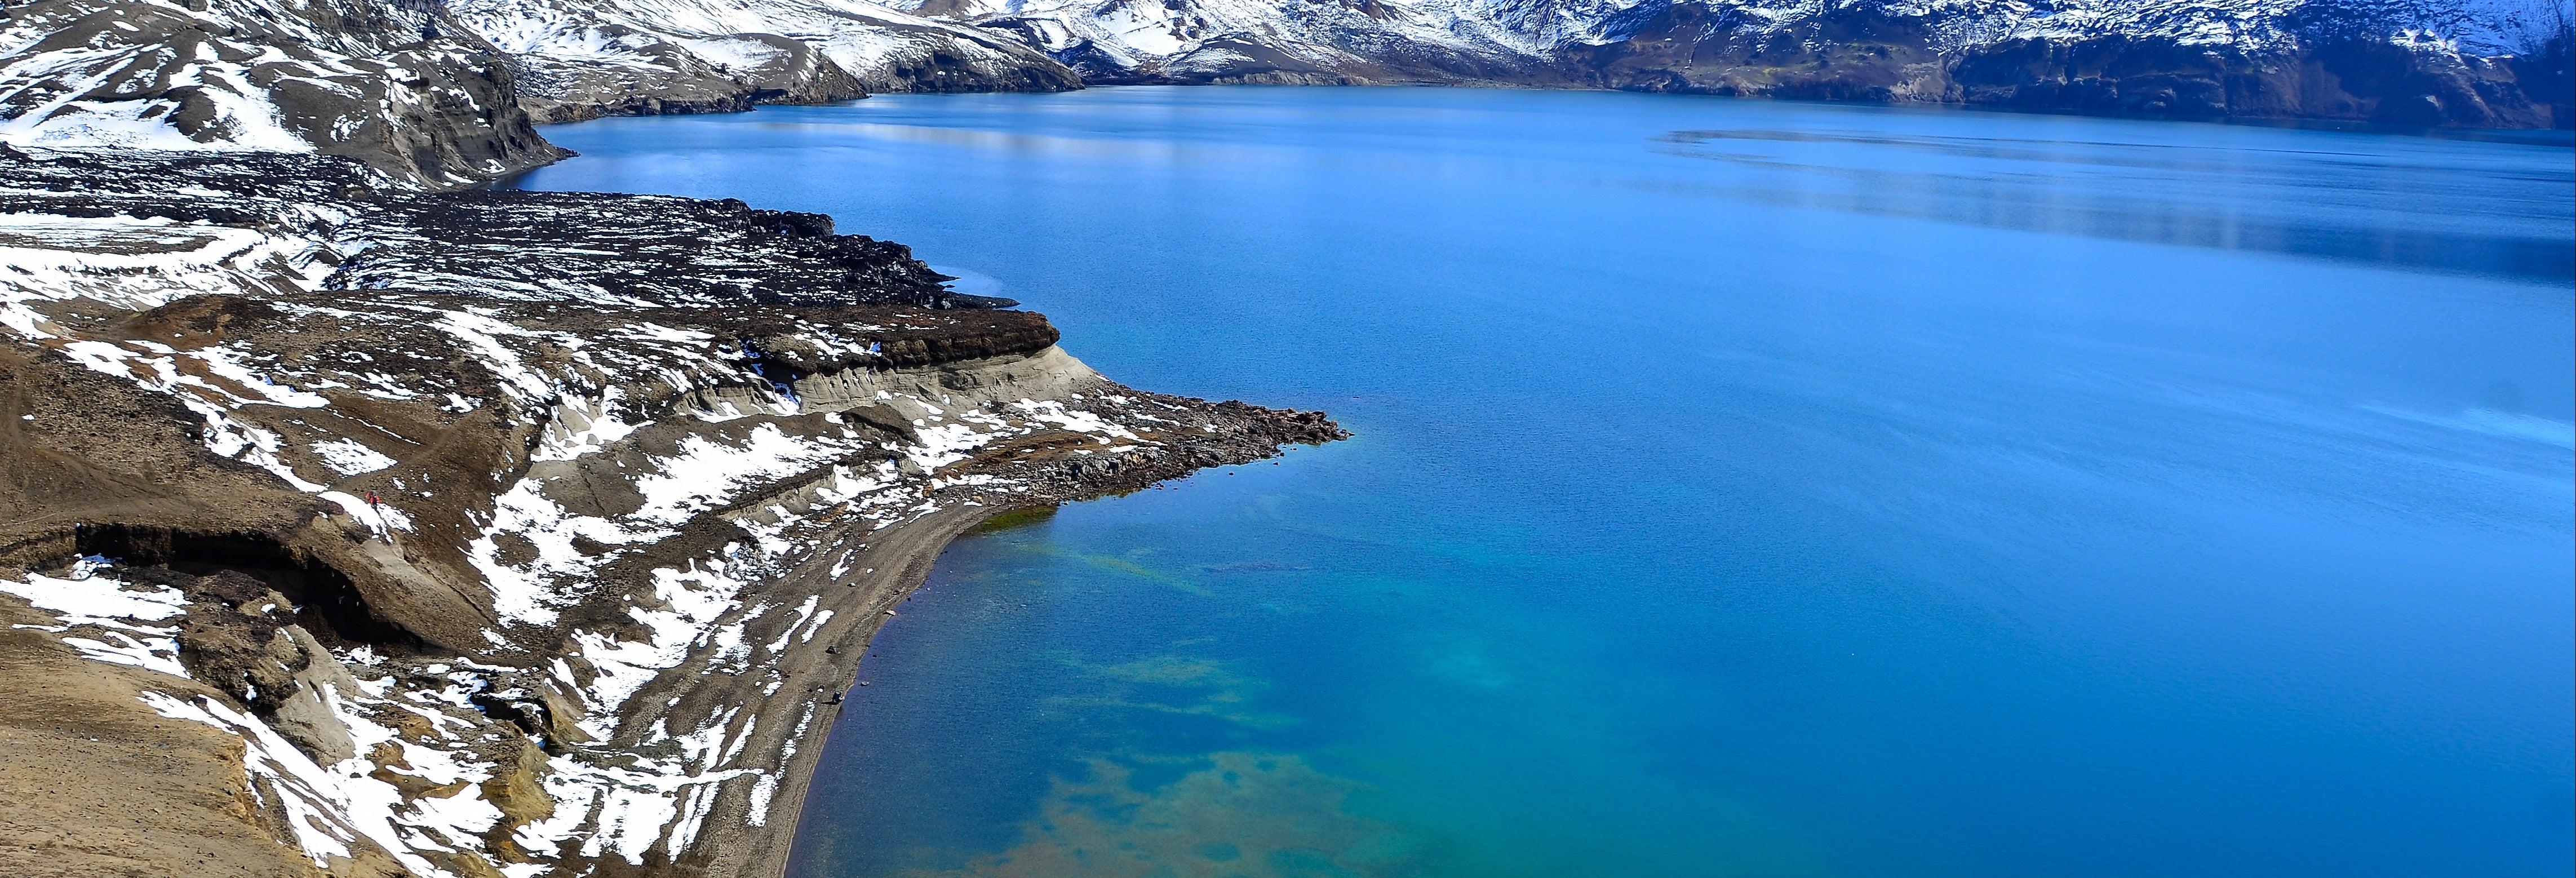 Excursión al volcán Askja